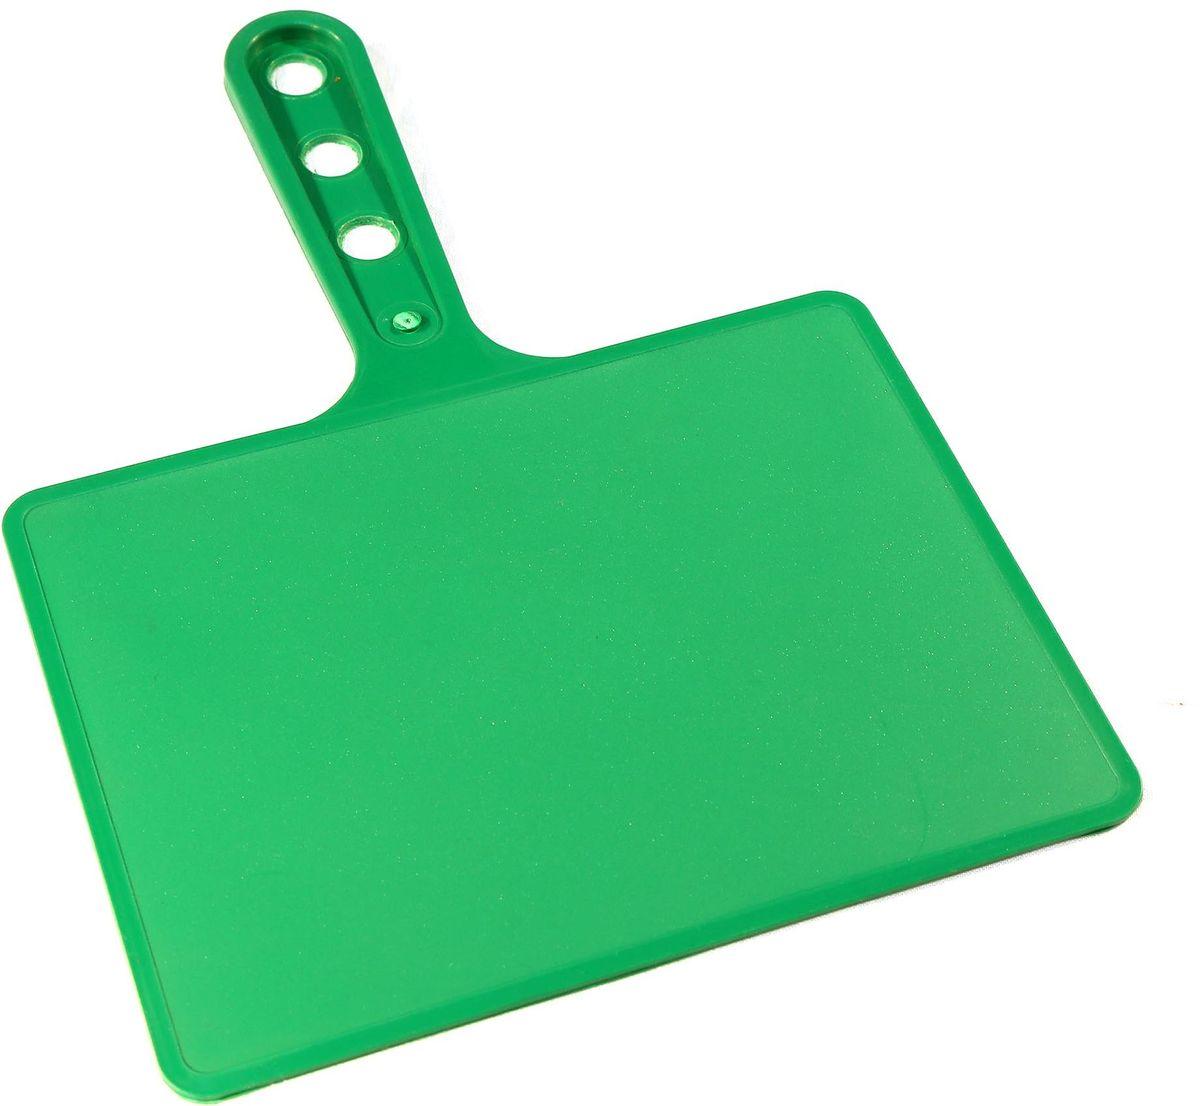 Веер для мангала BG, цвет: зеленый. 150181Хот ШейперсПредназначен для раздува углей в мангале. Изготовлен из высококачественного пластика(ПЭНД), одна сторона глянец, вторая шагрень. Ручка имеет 3 отверстия. Можно использовать как разделочную доску для мяса, нарезки овощей или хлеба. Рабочая поверхность выполнена в виде прямоугольника, размер: 197 х 148 мм.